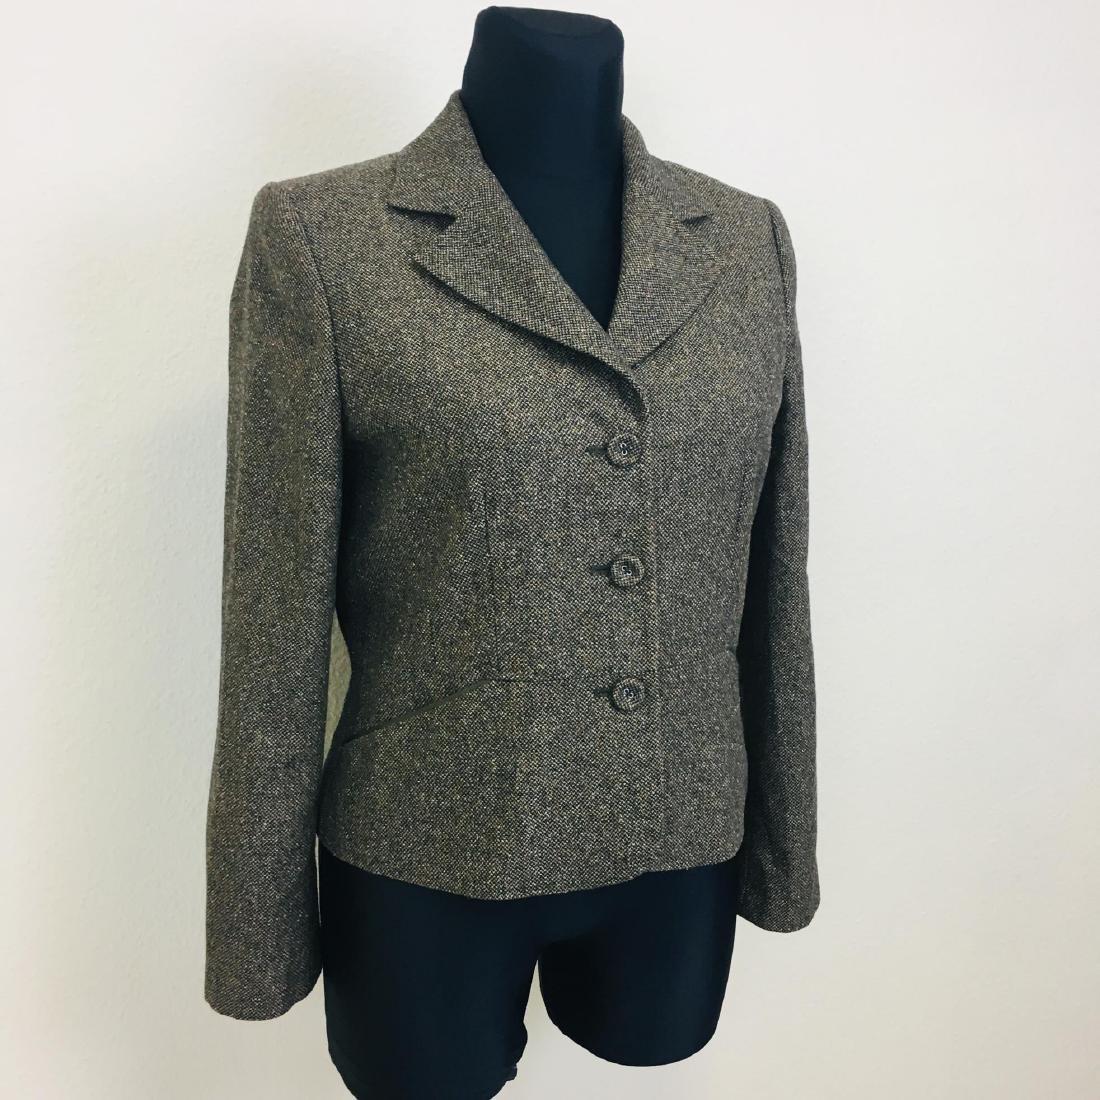 Women's Vackpot Romanian Designer Wool Blend Blazer - 2